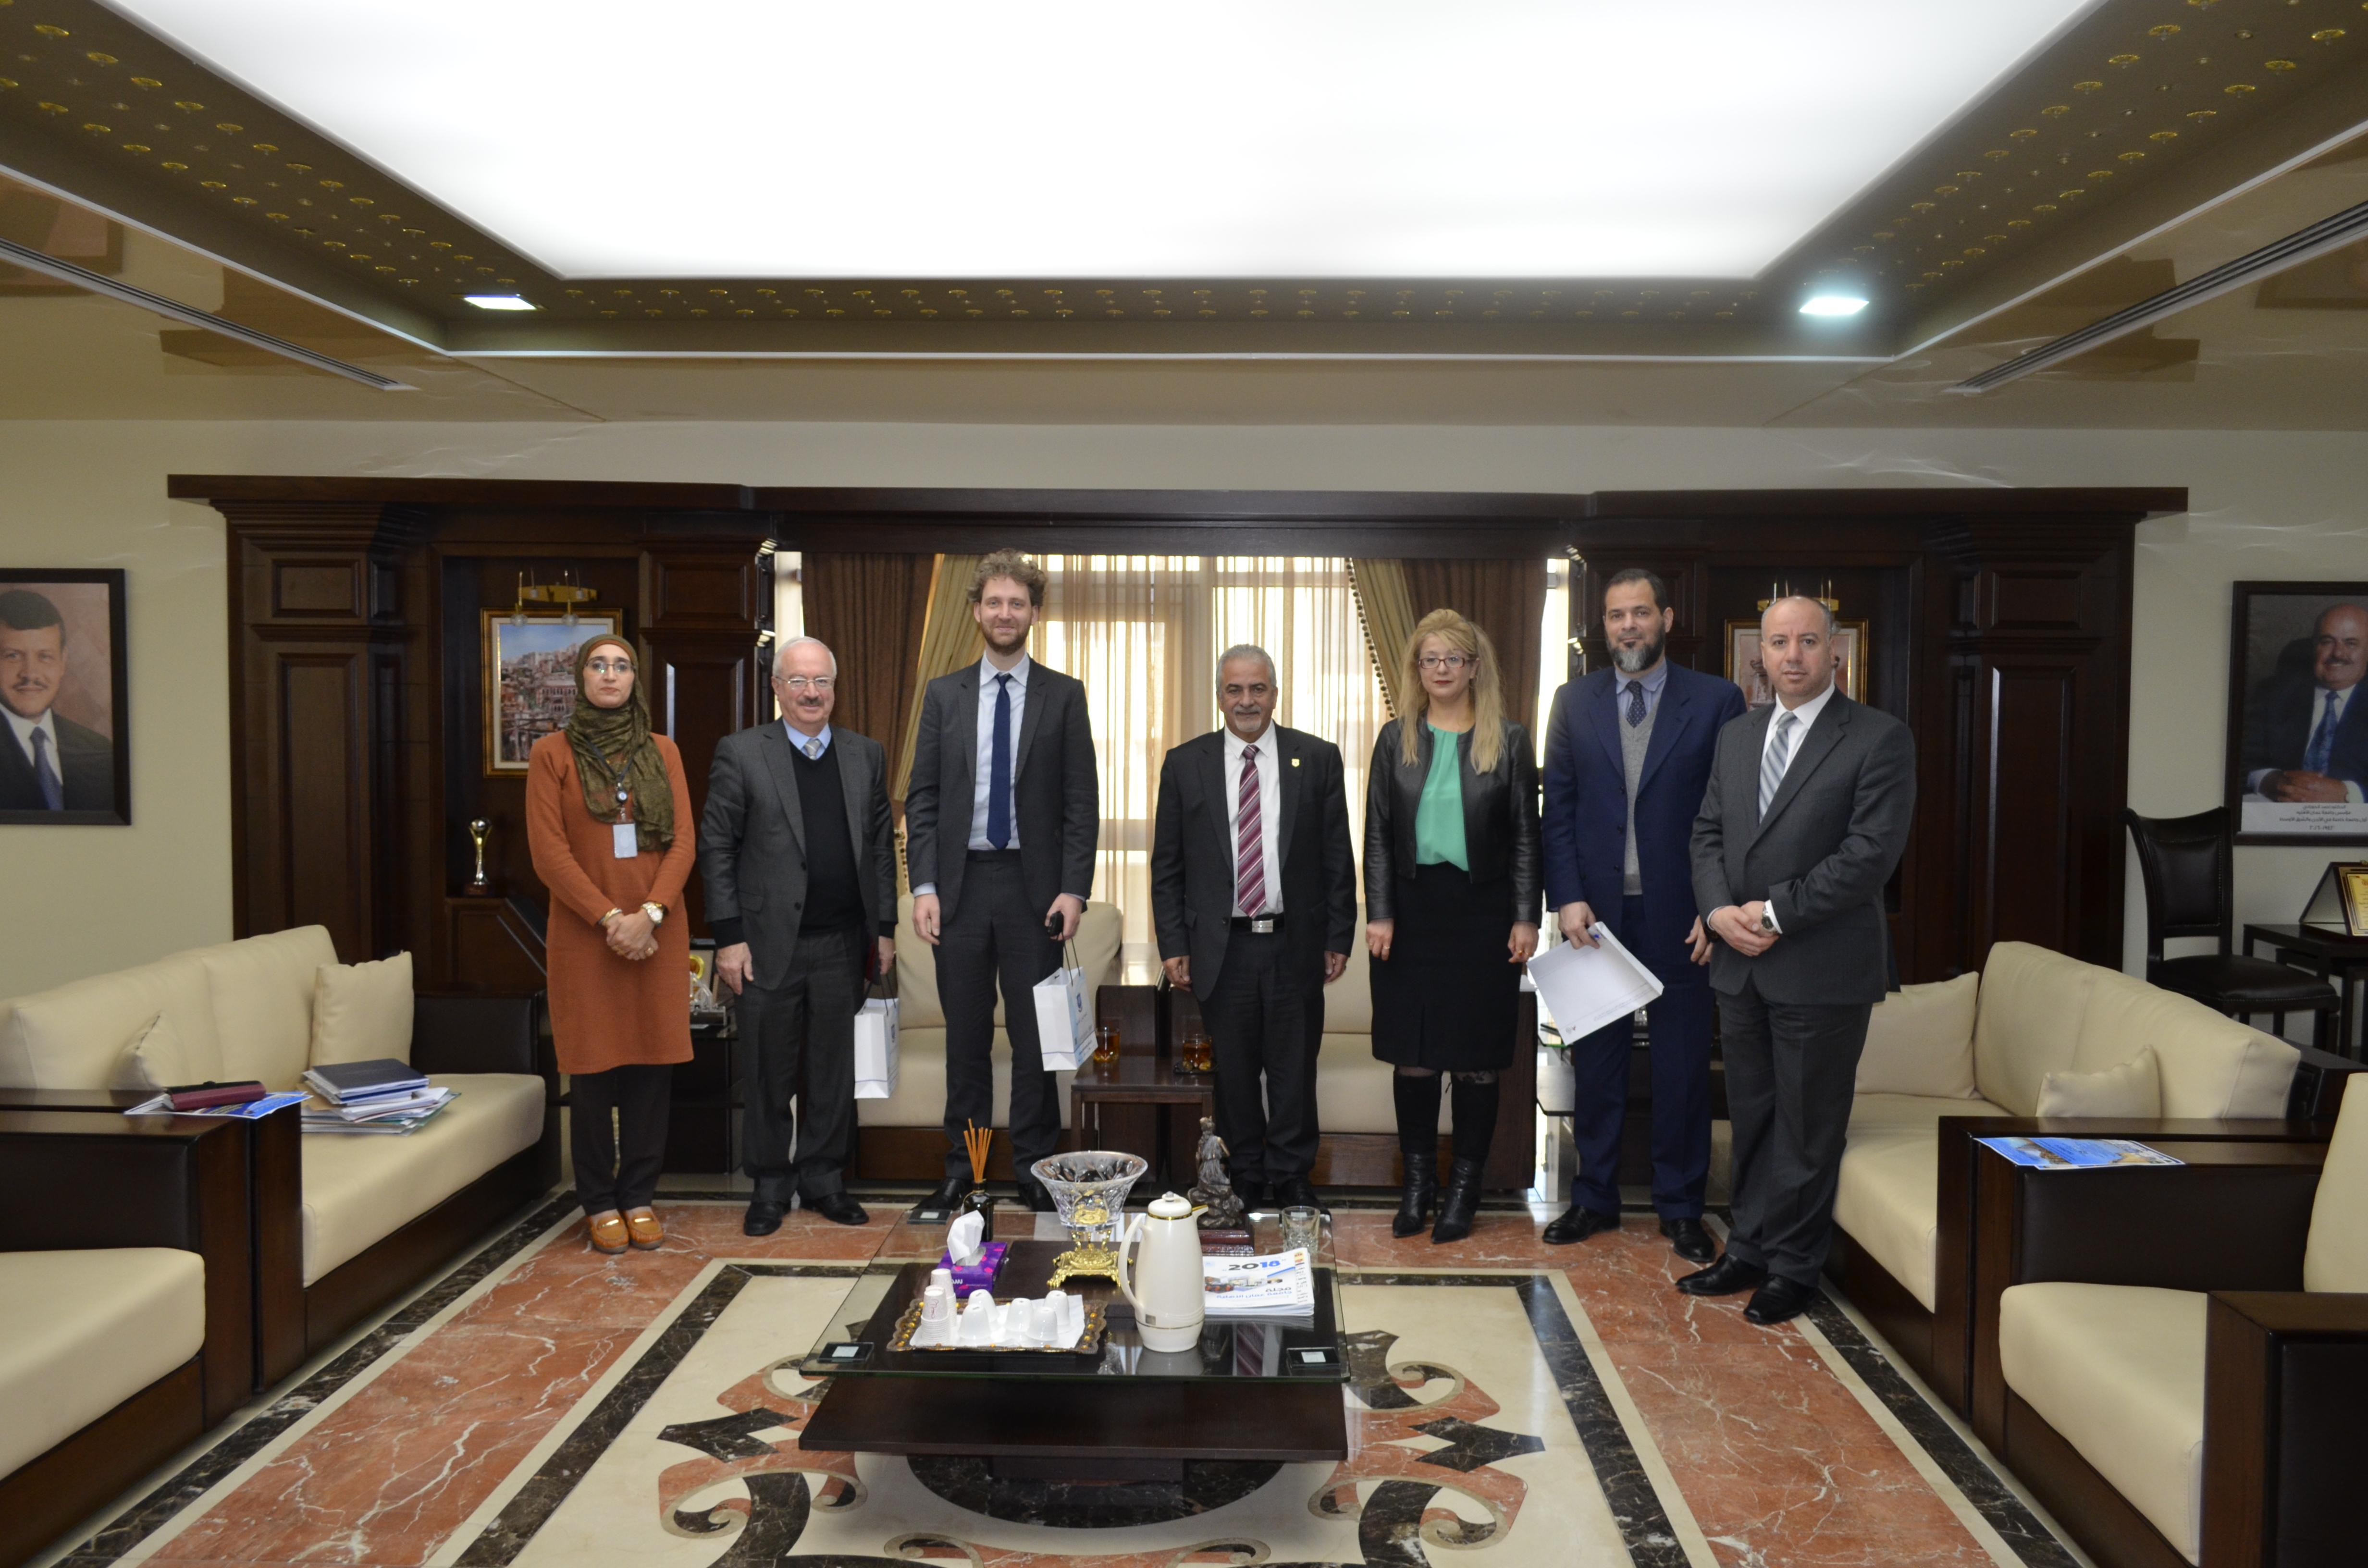 جامعة عمان الاهلية تستقبل الملحق الثقافي الالماني ورئيس نادي الهمبولدت (الالماني-الاردني)